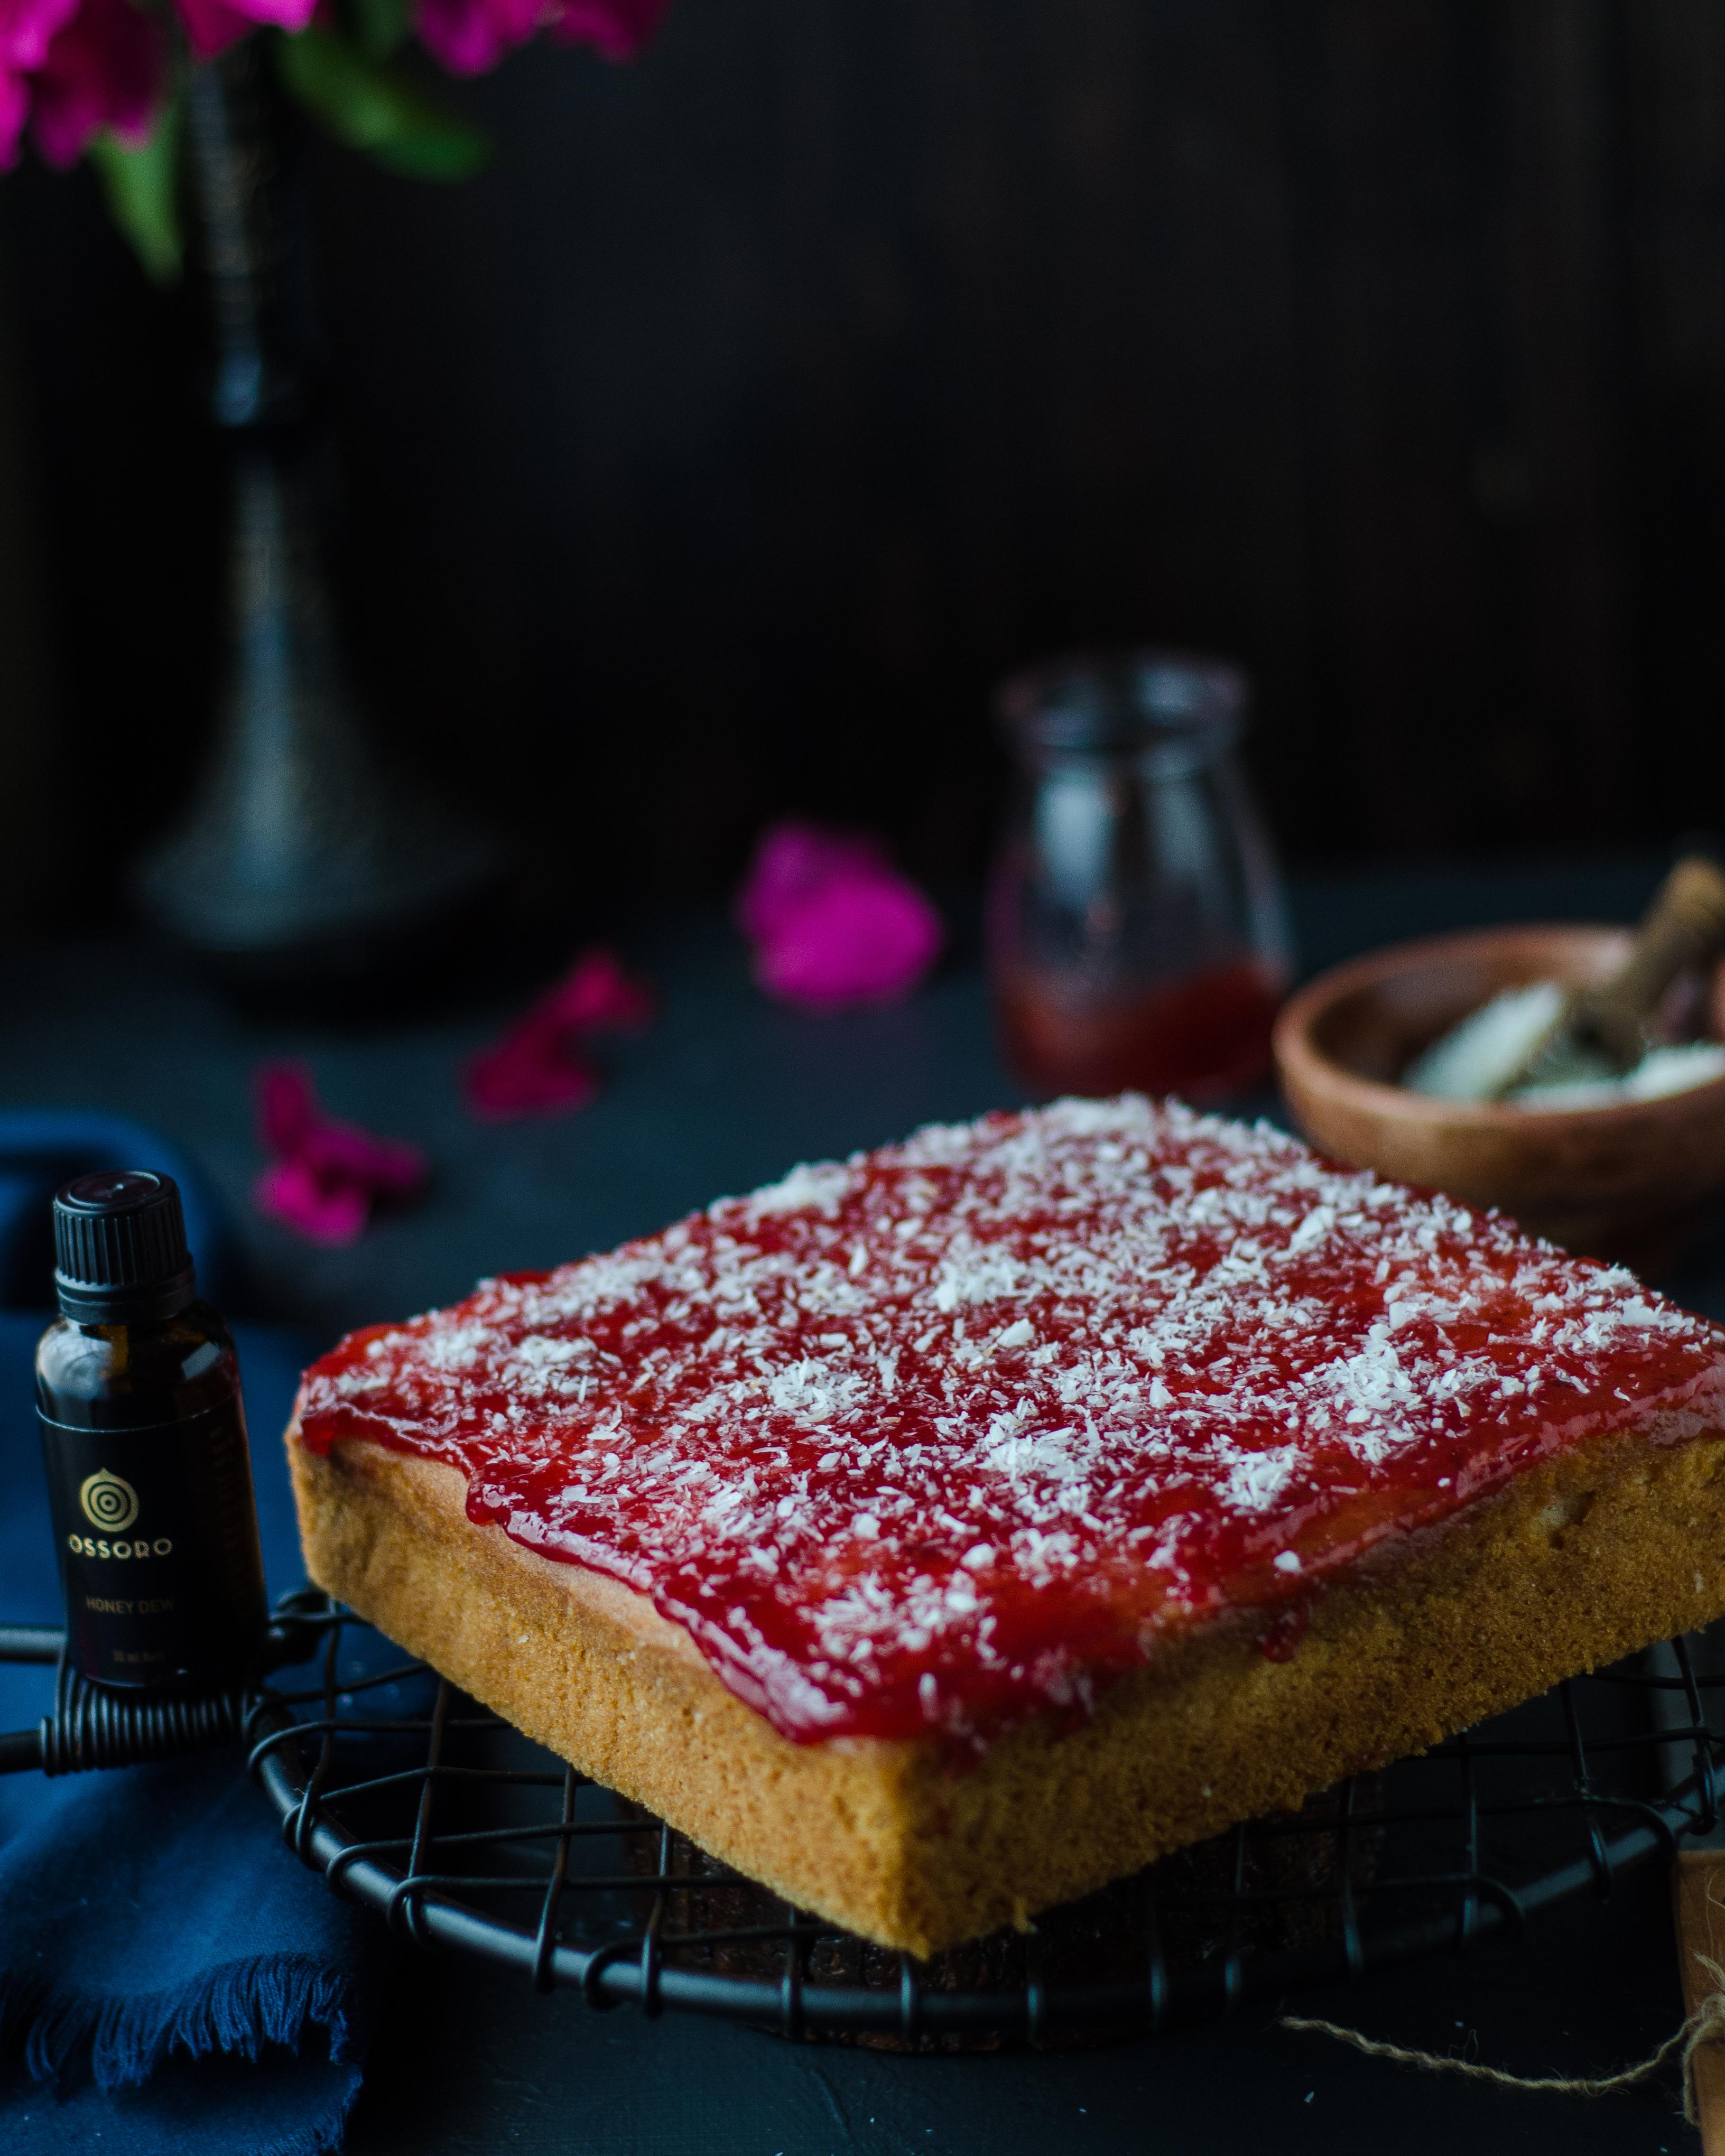 Bakery style Honey cake-2169